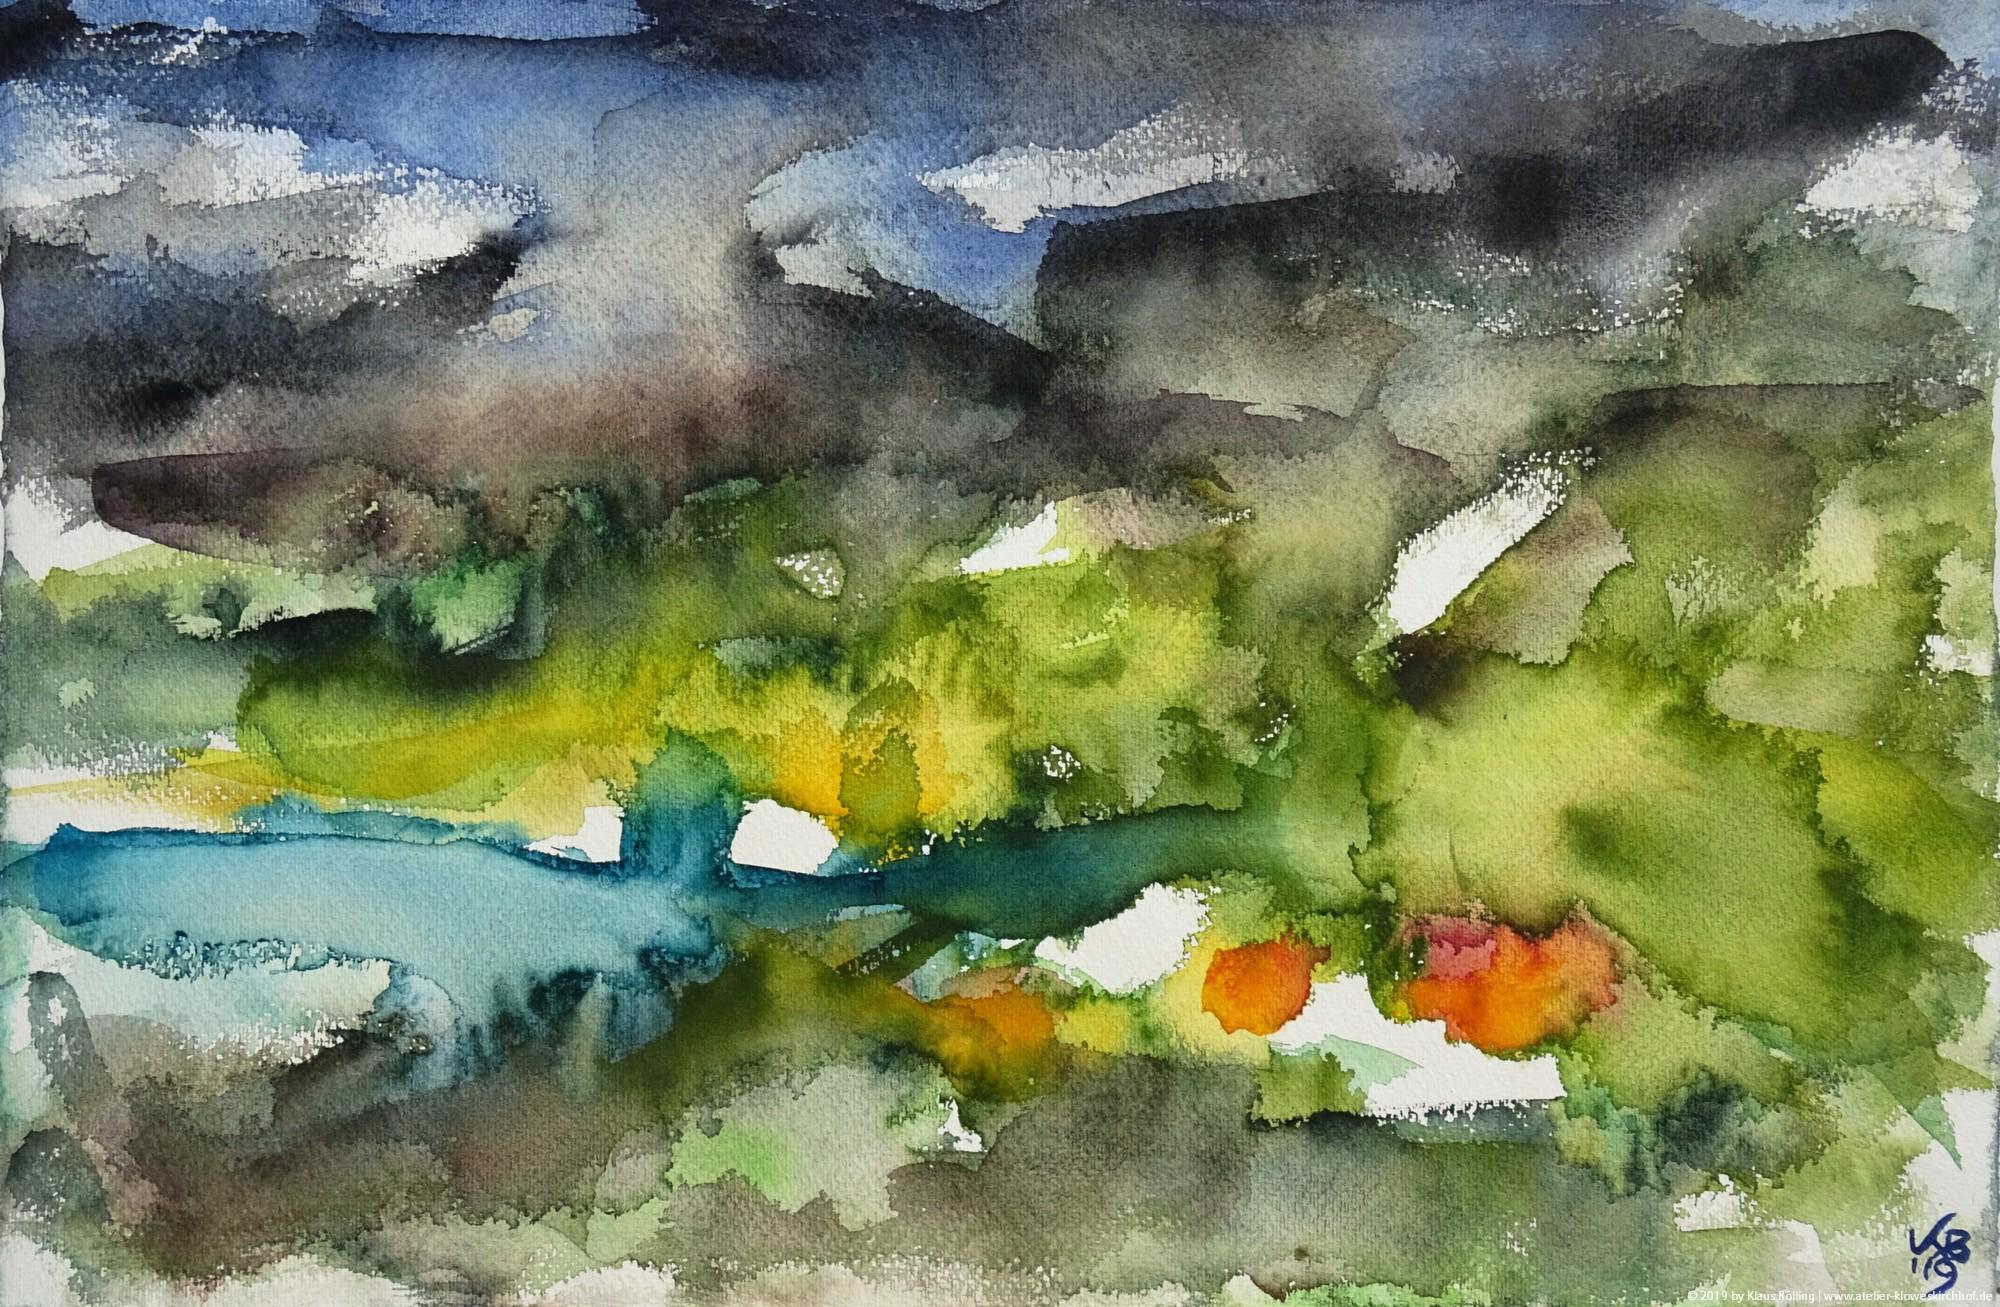 North West Highlands, Elphin, Watercolour 50 x 32,5 cm, © 2019 by Klaus Bölling